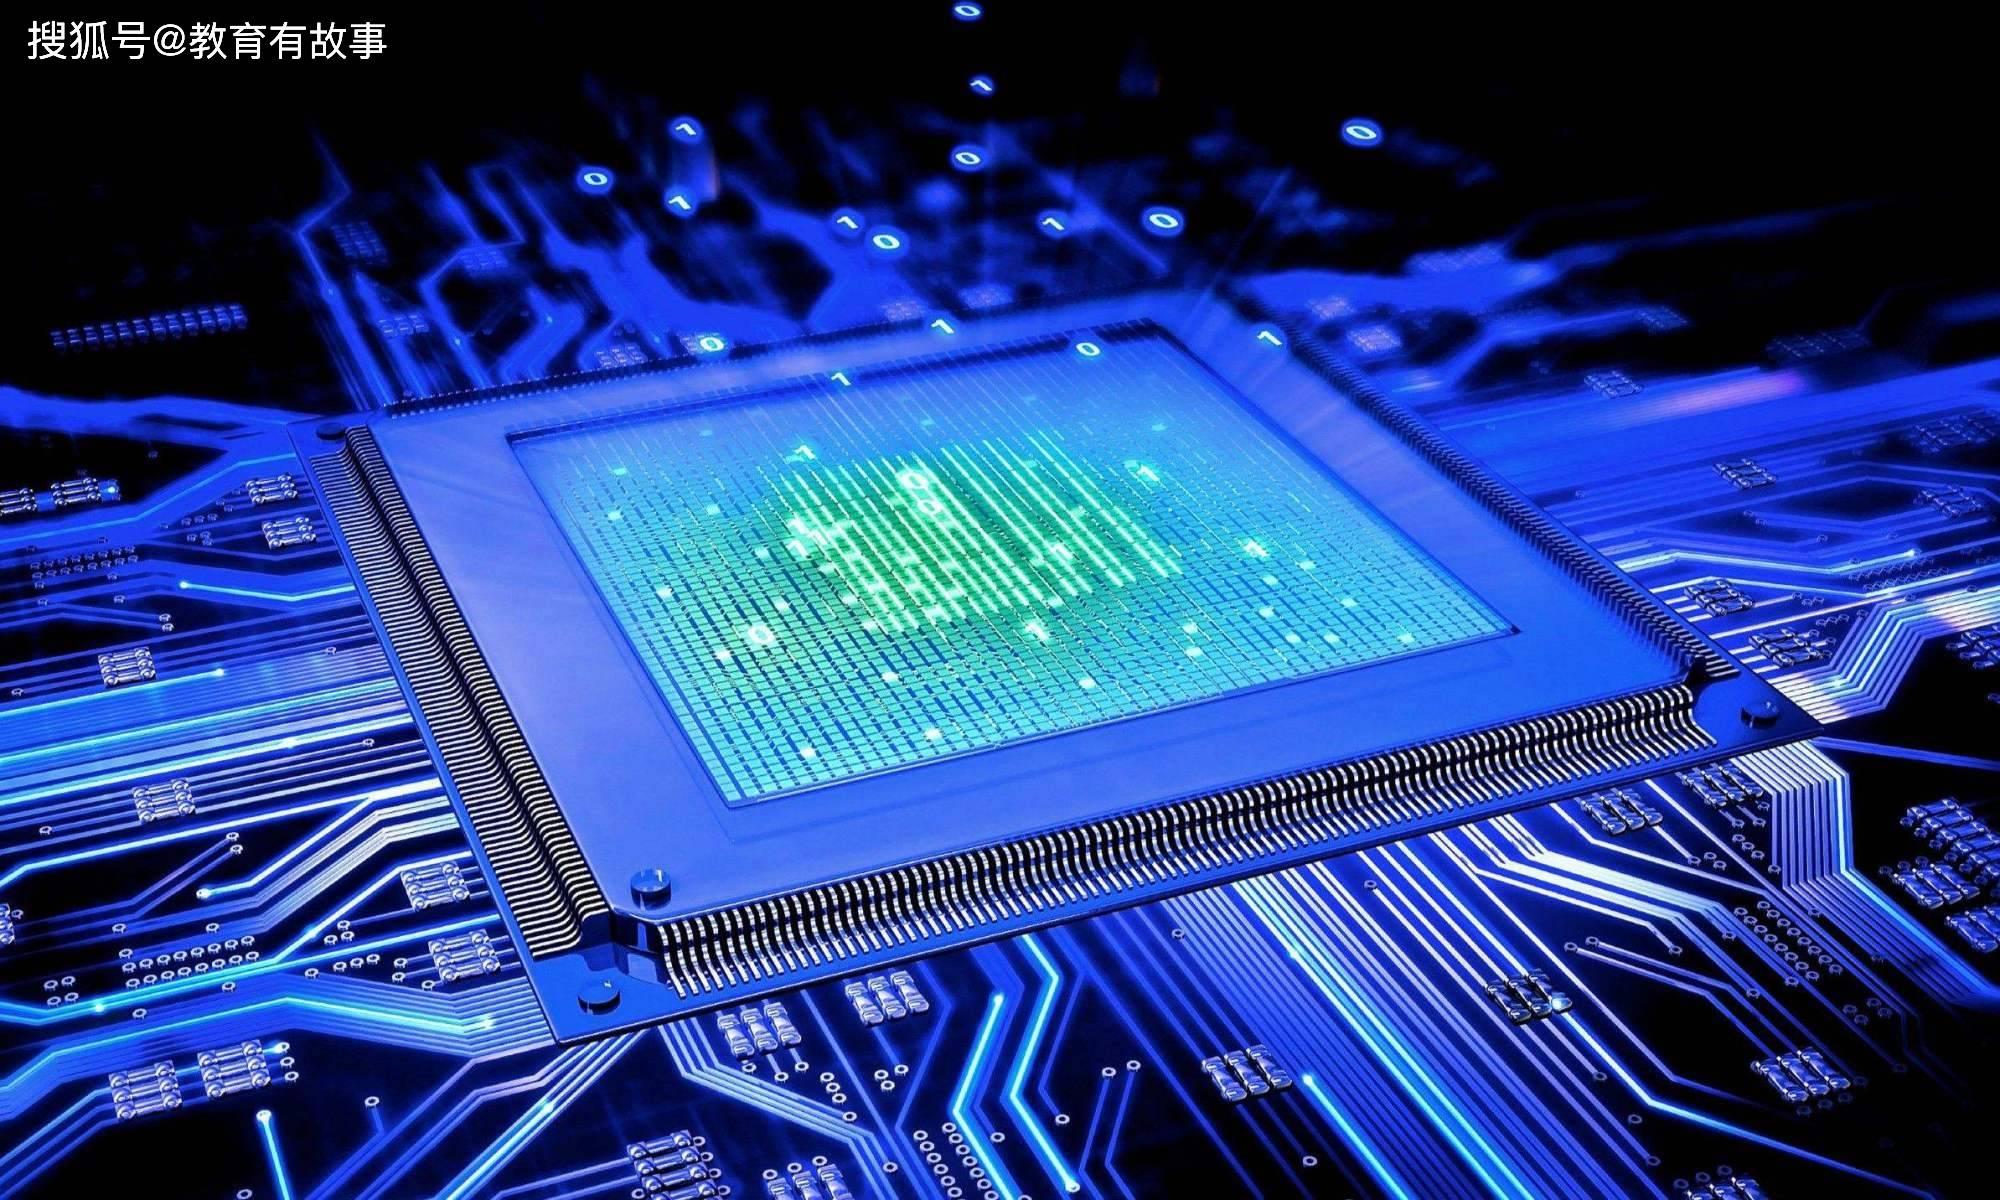 西安电子科技大学高考录取分数线,最高655分,最低却只要534分